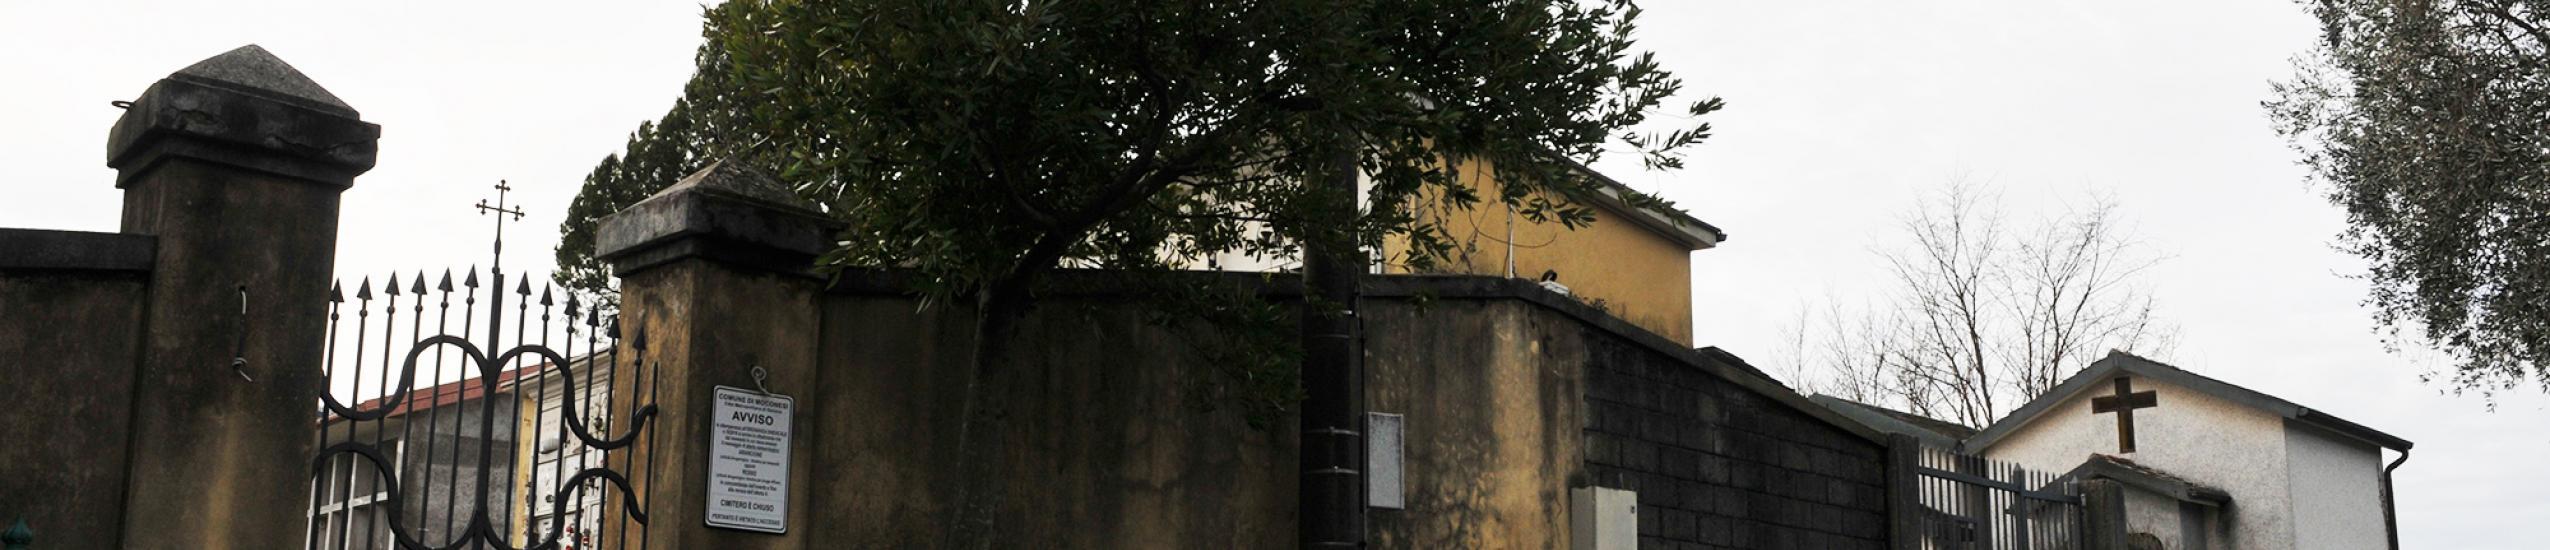 Cimitero di Villa di Cornia (0)